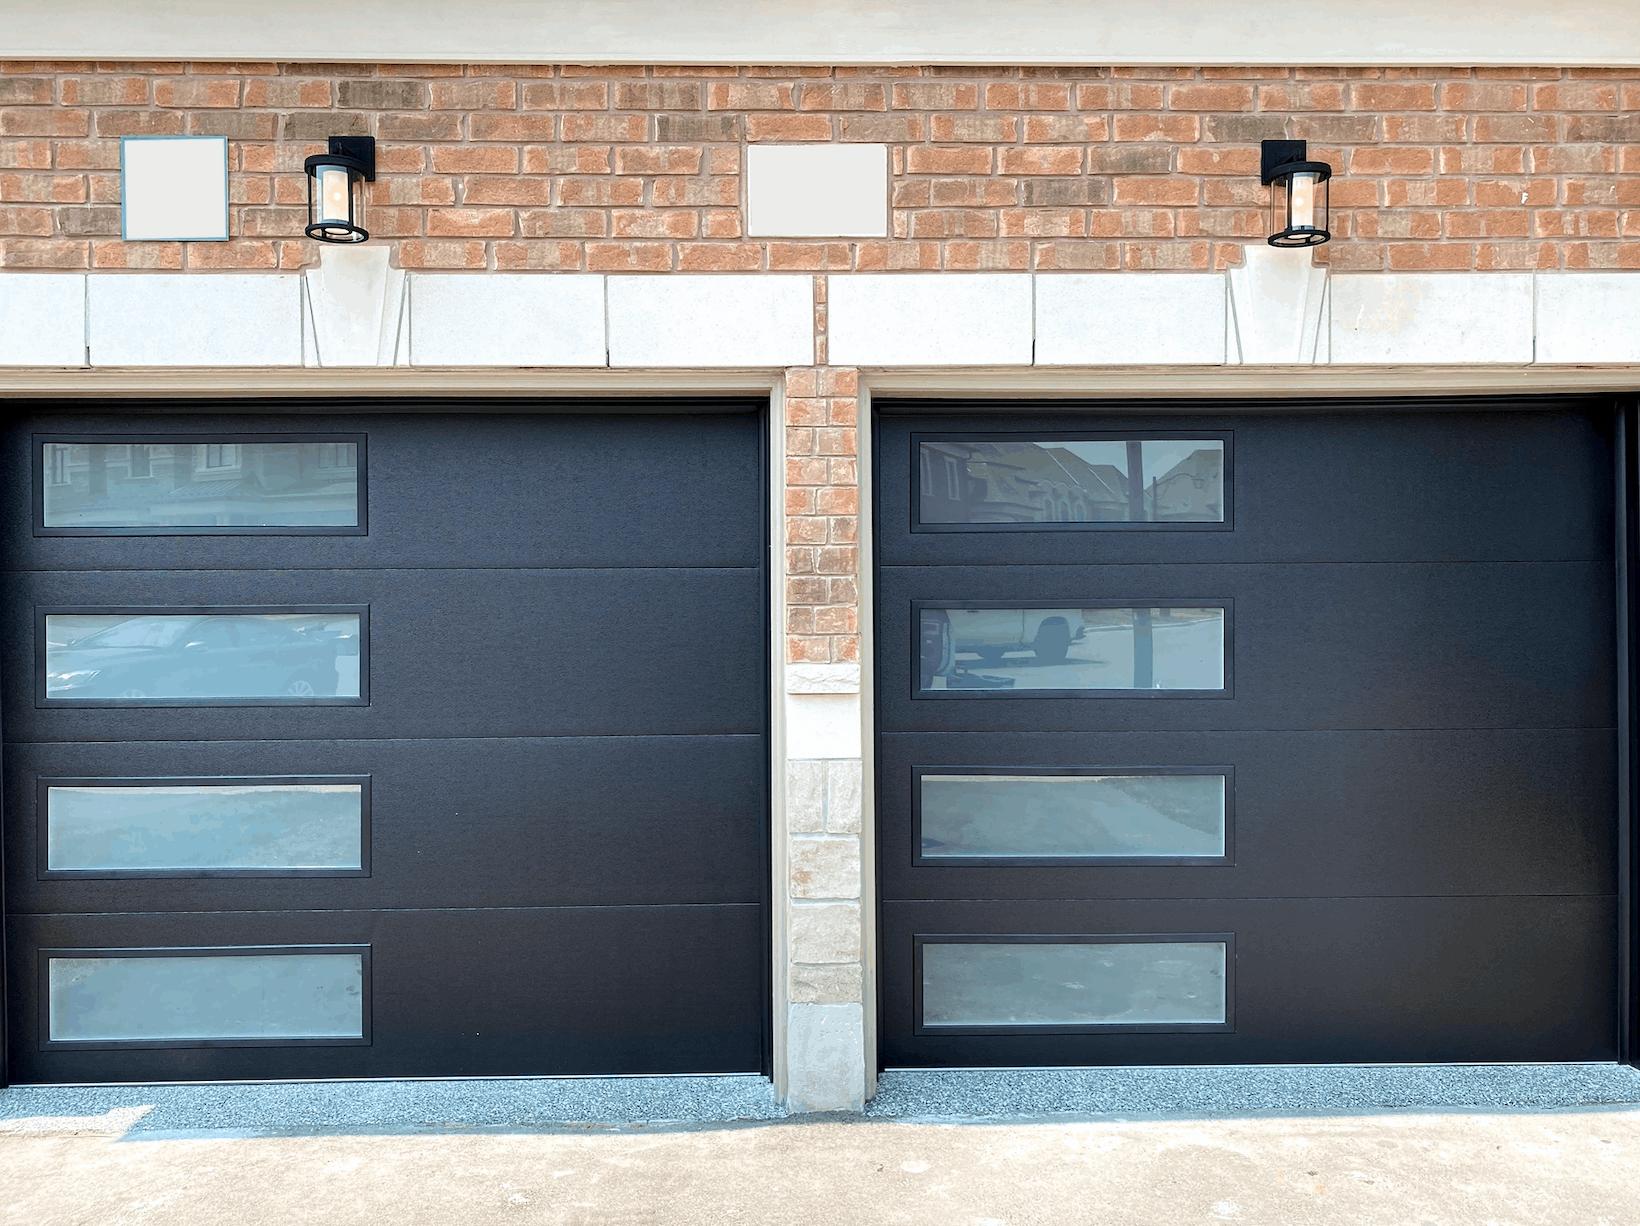 How to Clean Garage Door Windows